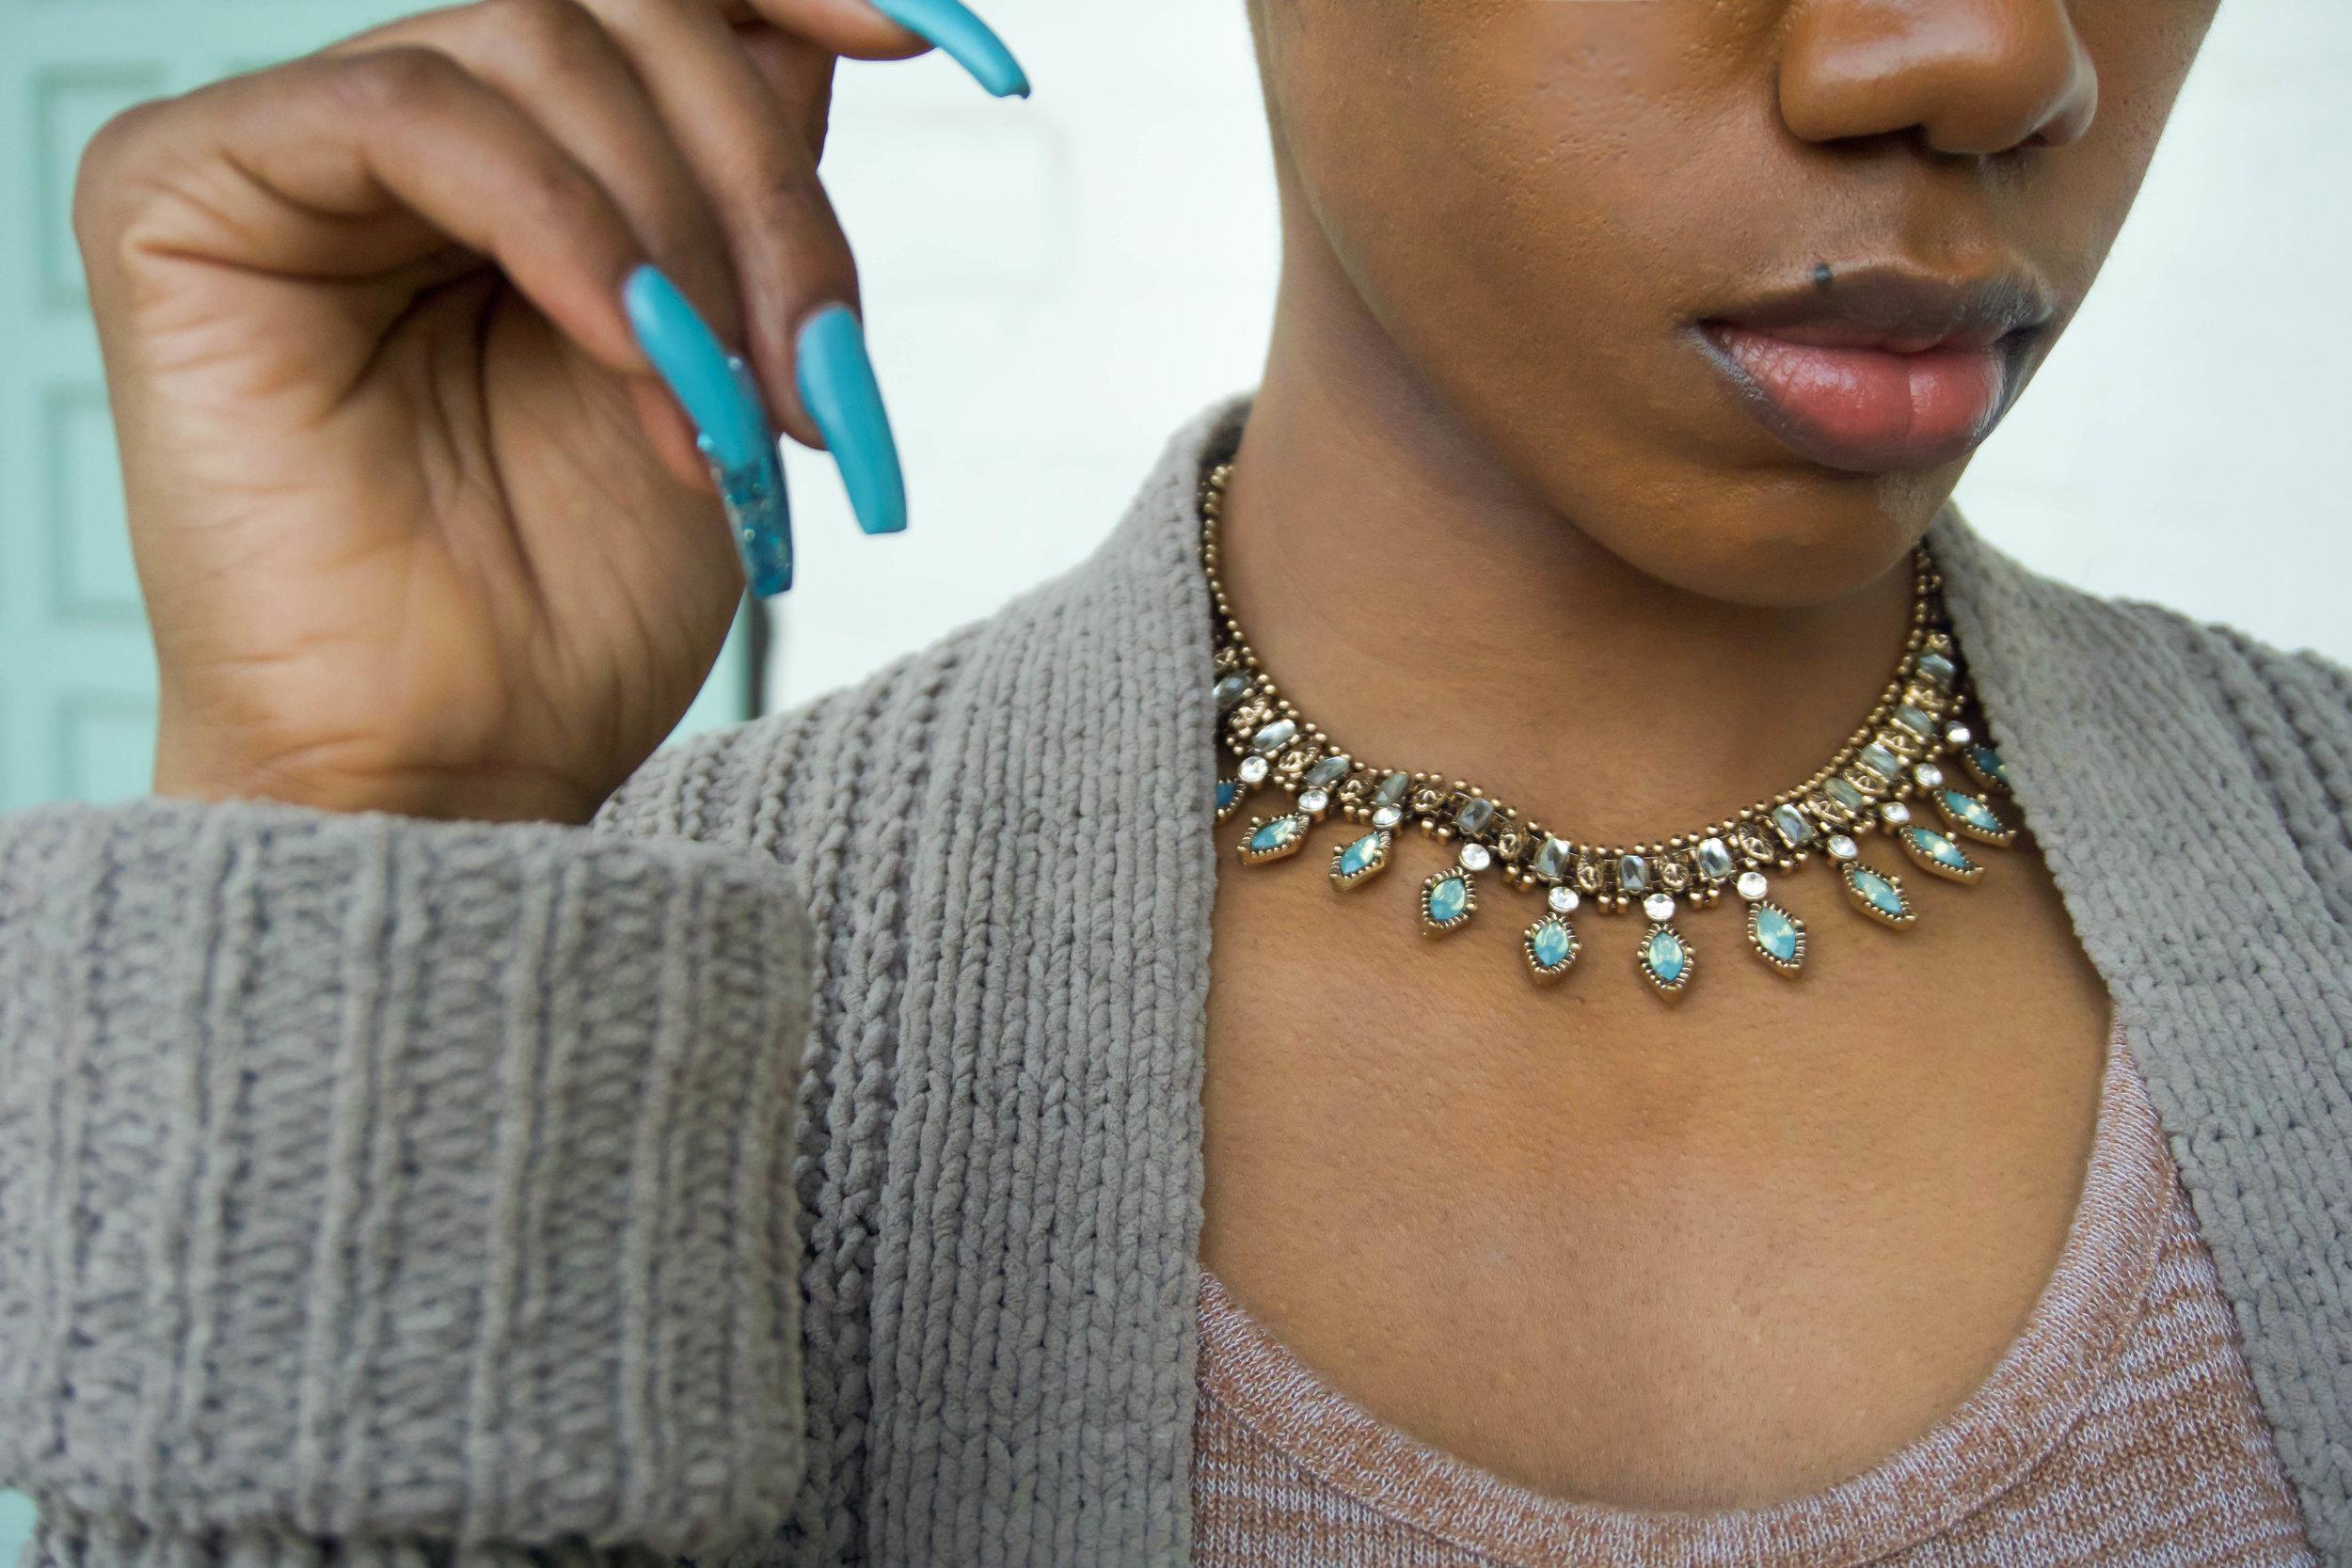 necklace details.jpg